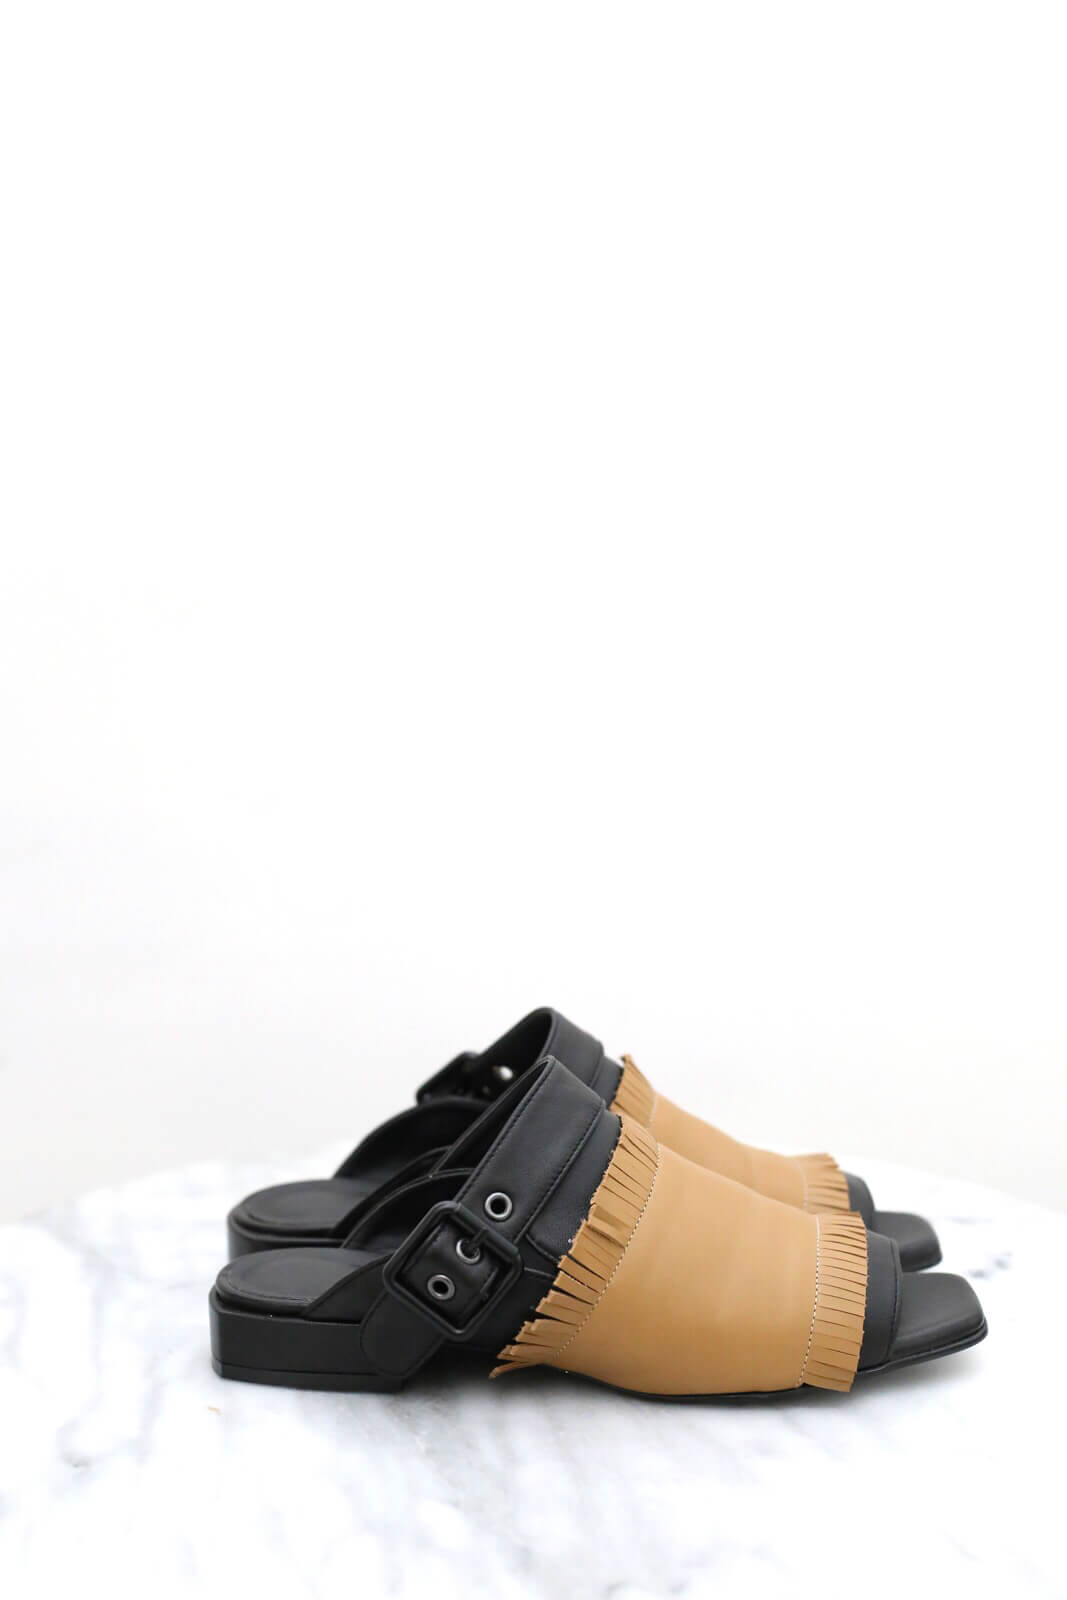 DC SLINGGER 涼鞋